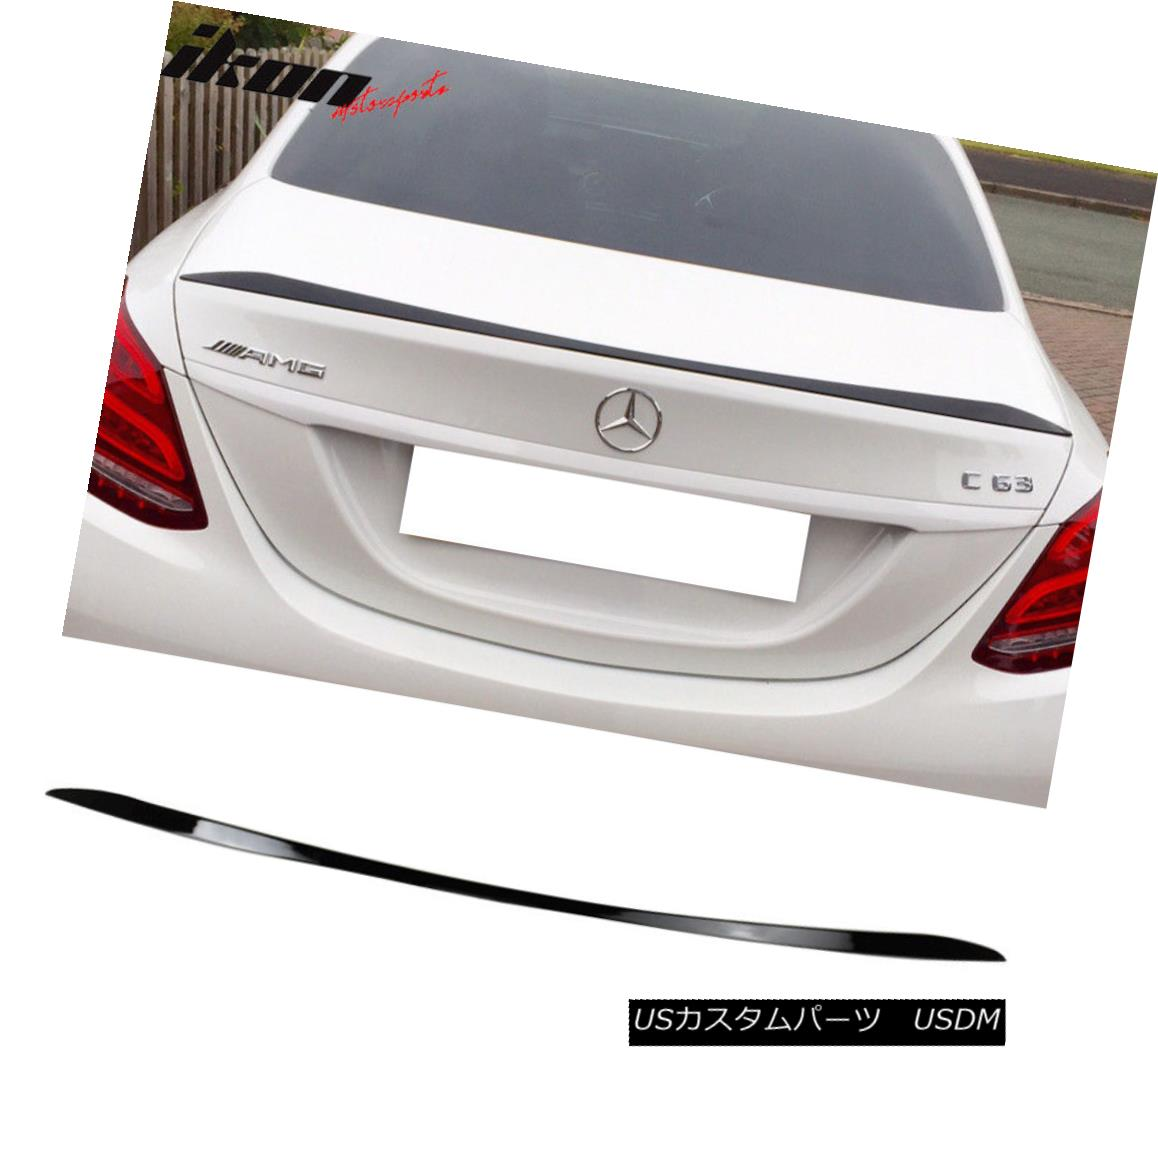 エアロパーツ Fits 15-18 Benz W205 C Class Sedan OE Factory Trunk Spoiler Painted #040 Black フィット15-18ベンツW205 CクラスセダンOE工場トランクスポイラー#040黒塗装